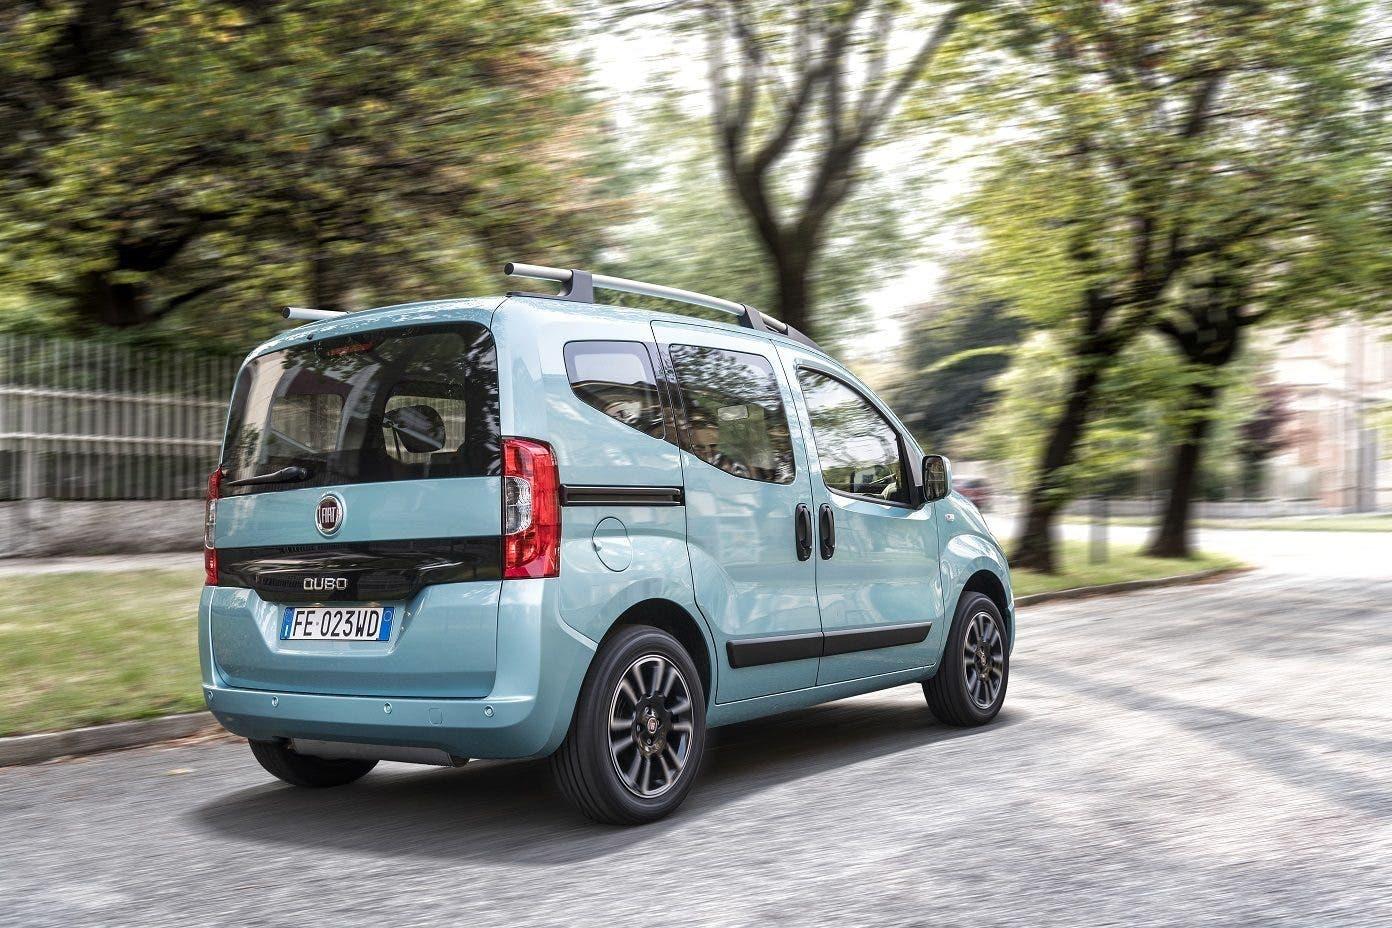 Nuovo Fiat Qubo